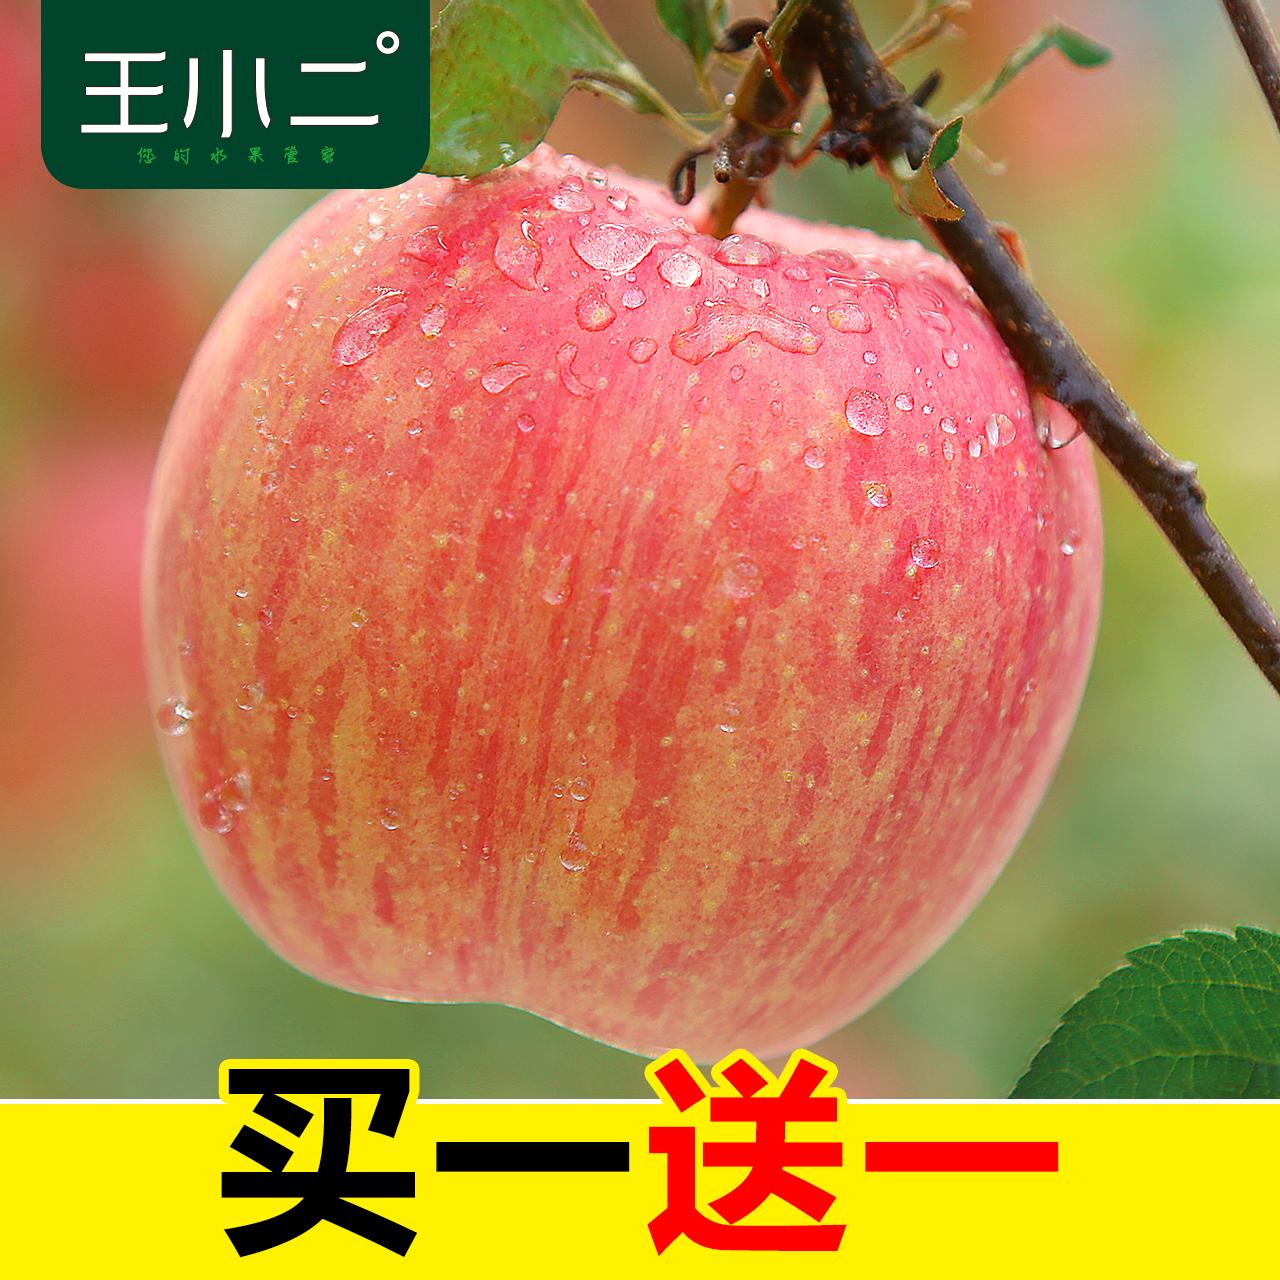 Король малый шаньдун дым тайвань яблоко свежий фрукты оптовая торговля бесплатная доставка когда сезон когда сезон коллекция выбирать квартира фрукты есть из ряска фрукты